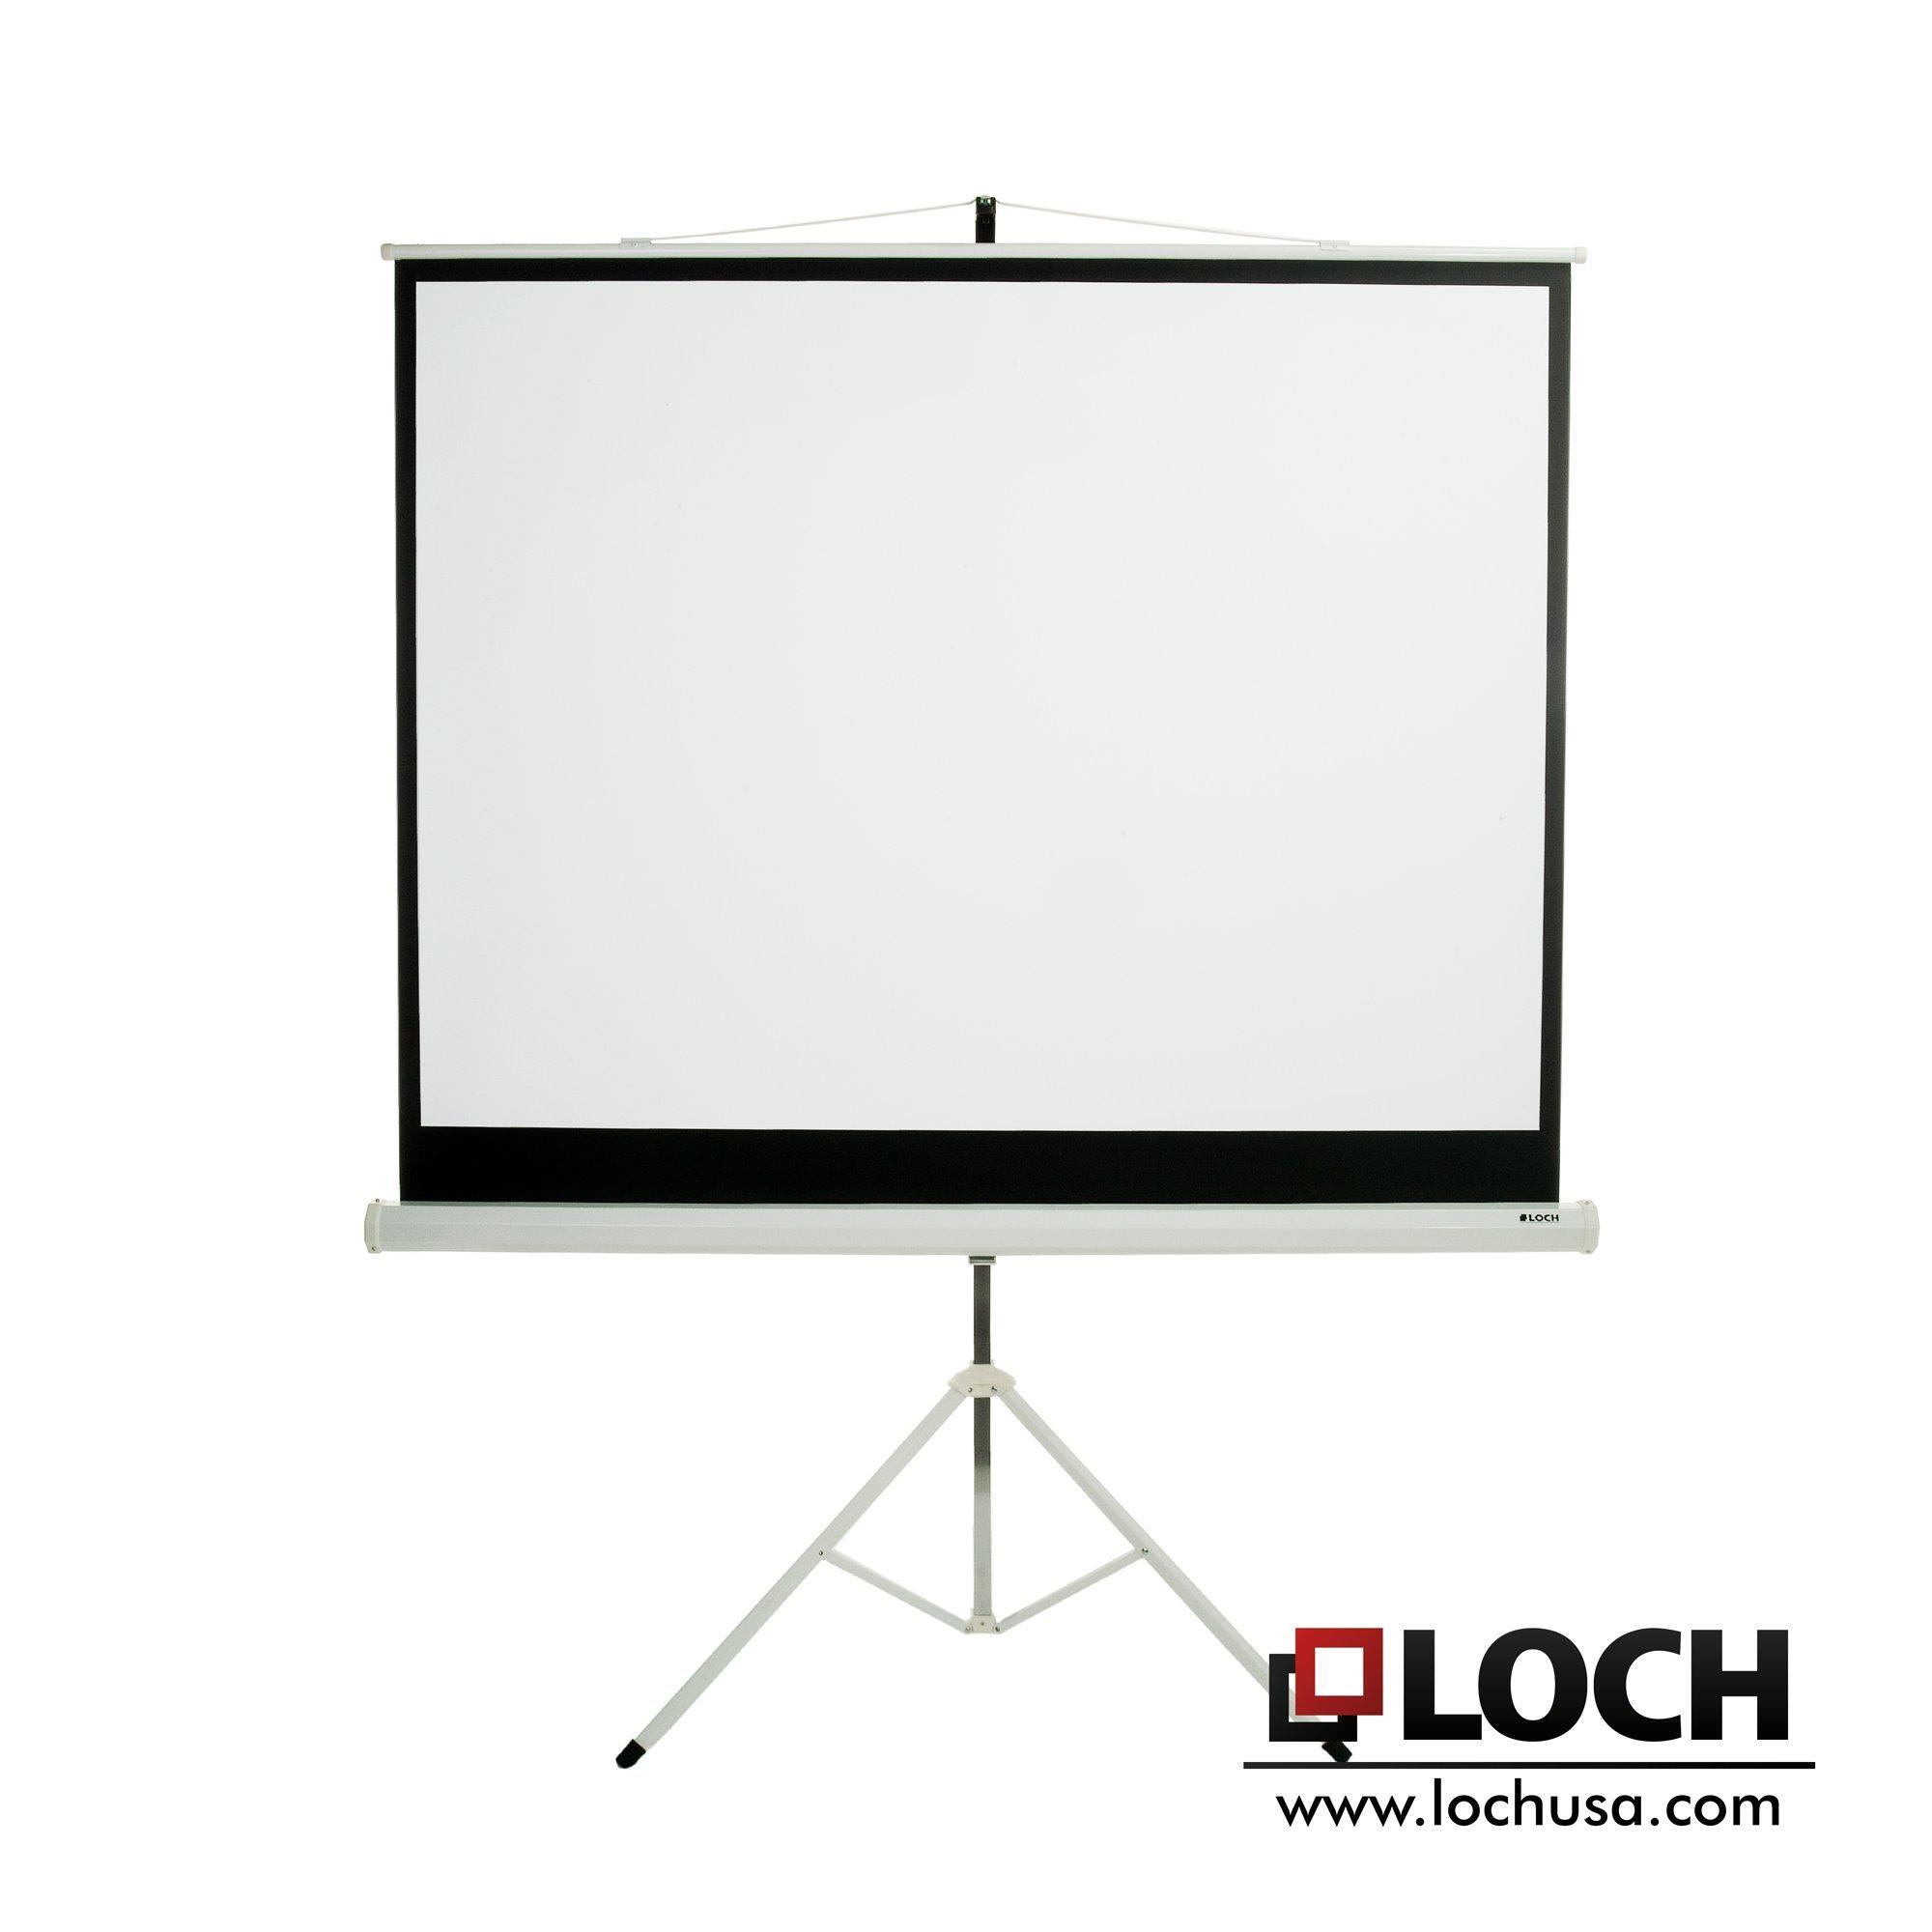 LOCH 84'' diagonal 4:3 Tripod Projection Screen by Loch